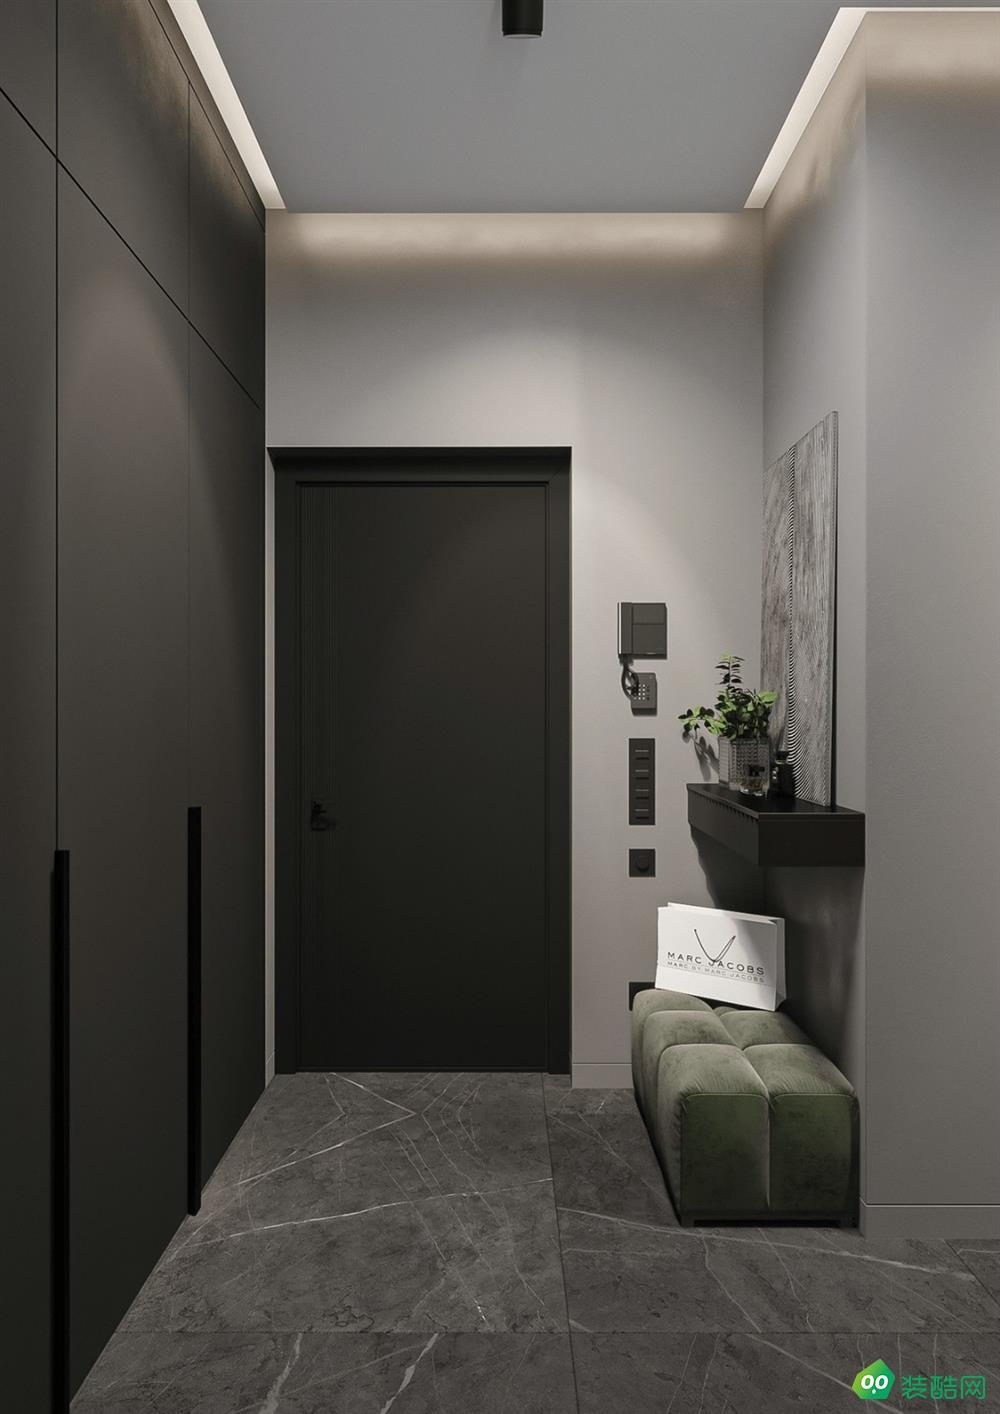 貴陽-88平米一室一廳一衛裝修效果圖